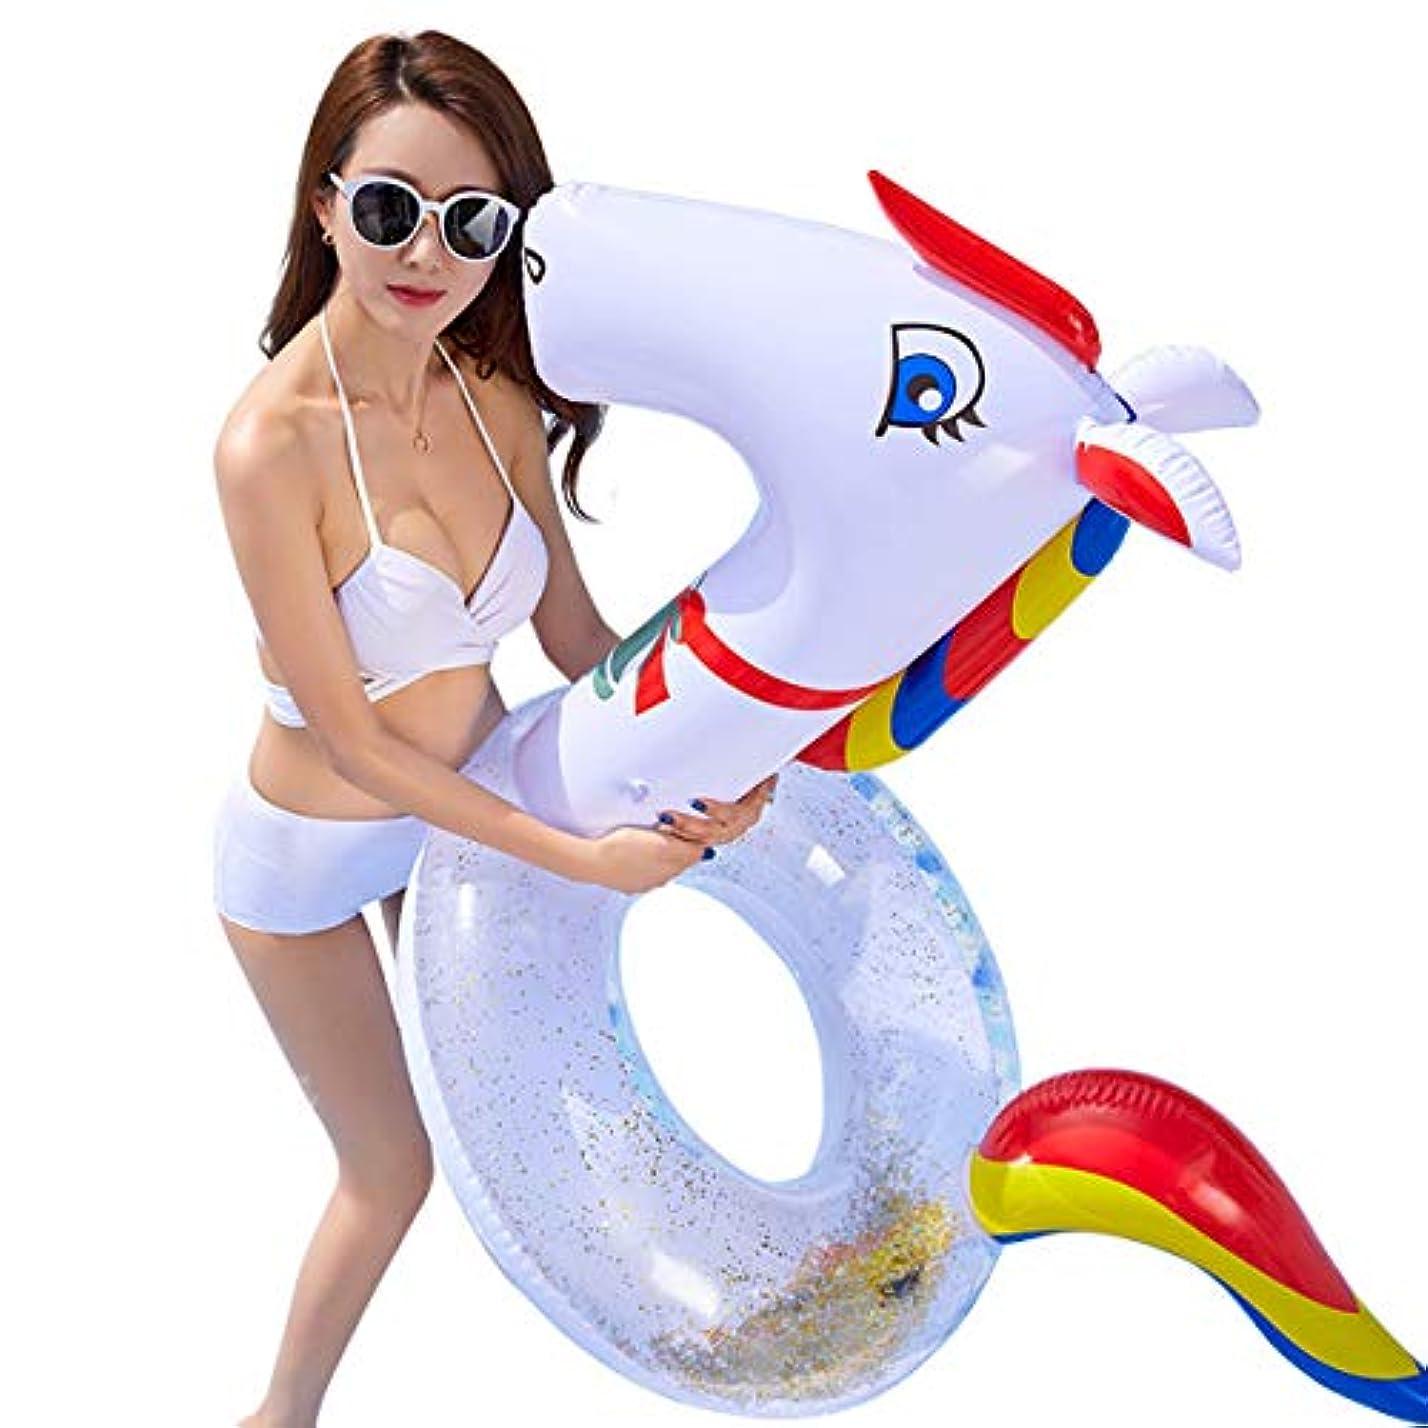 怒って細分化する博覧会(パーティープレイ) PartyPlay 空気注入式プール浮き輪 星座の馬 空気注入式水泳リング フローティングマット 楽しいビーチフローティングベッド スイミングプールのおもちゃ 子供のサマーパーティー(90cm)